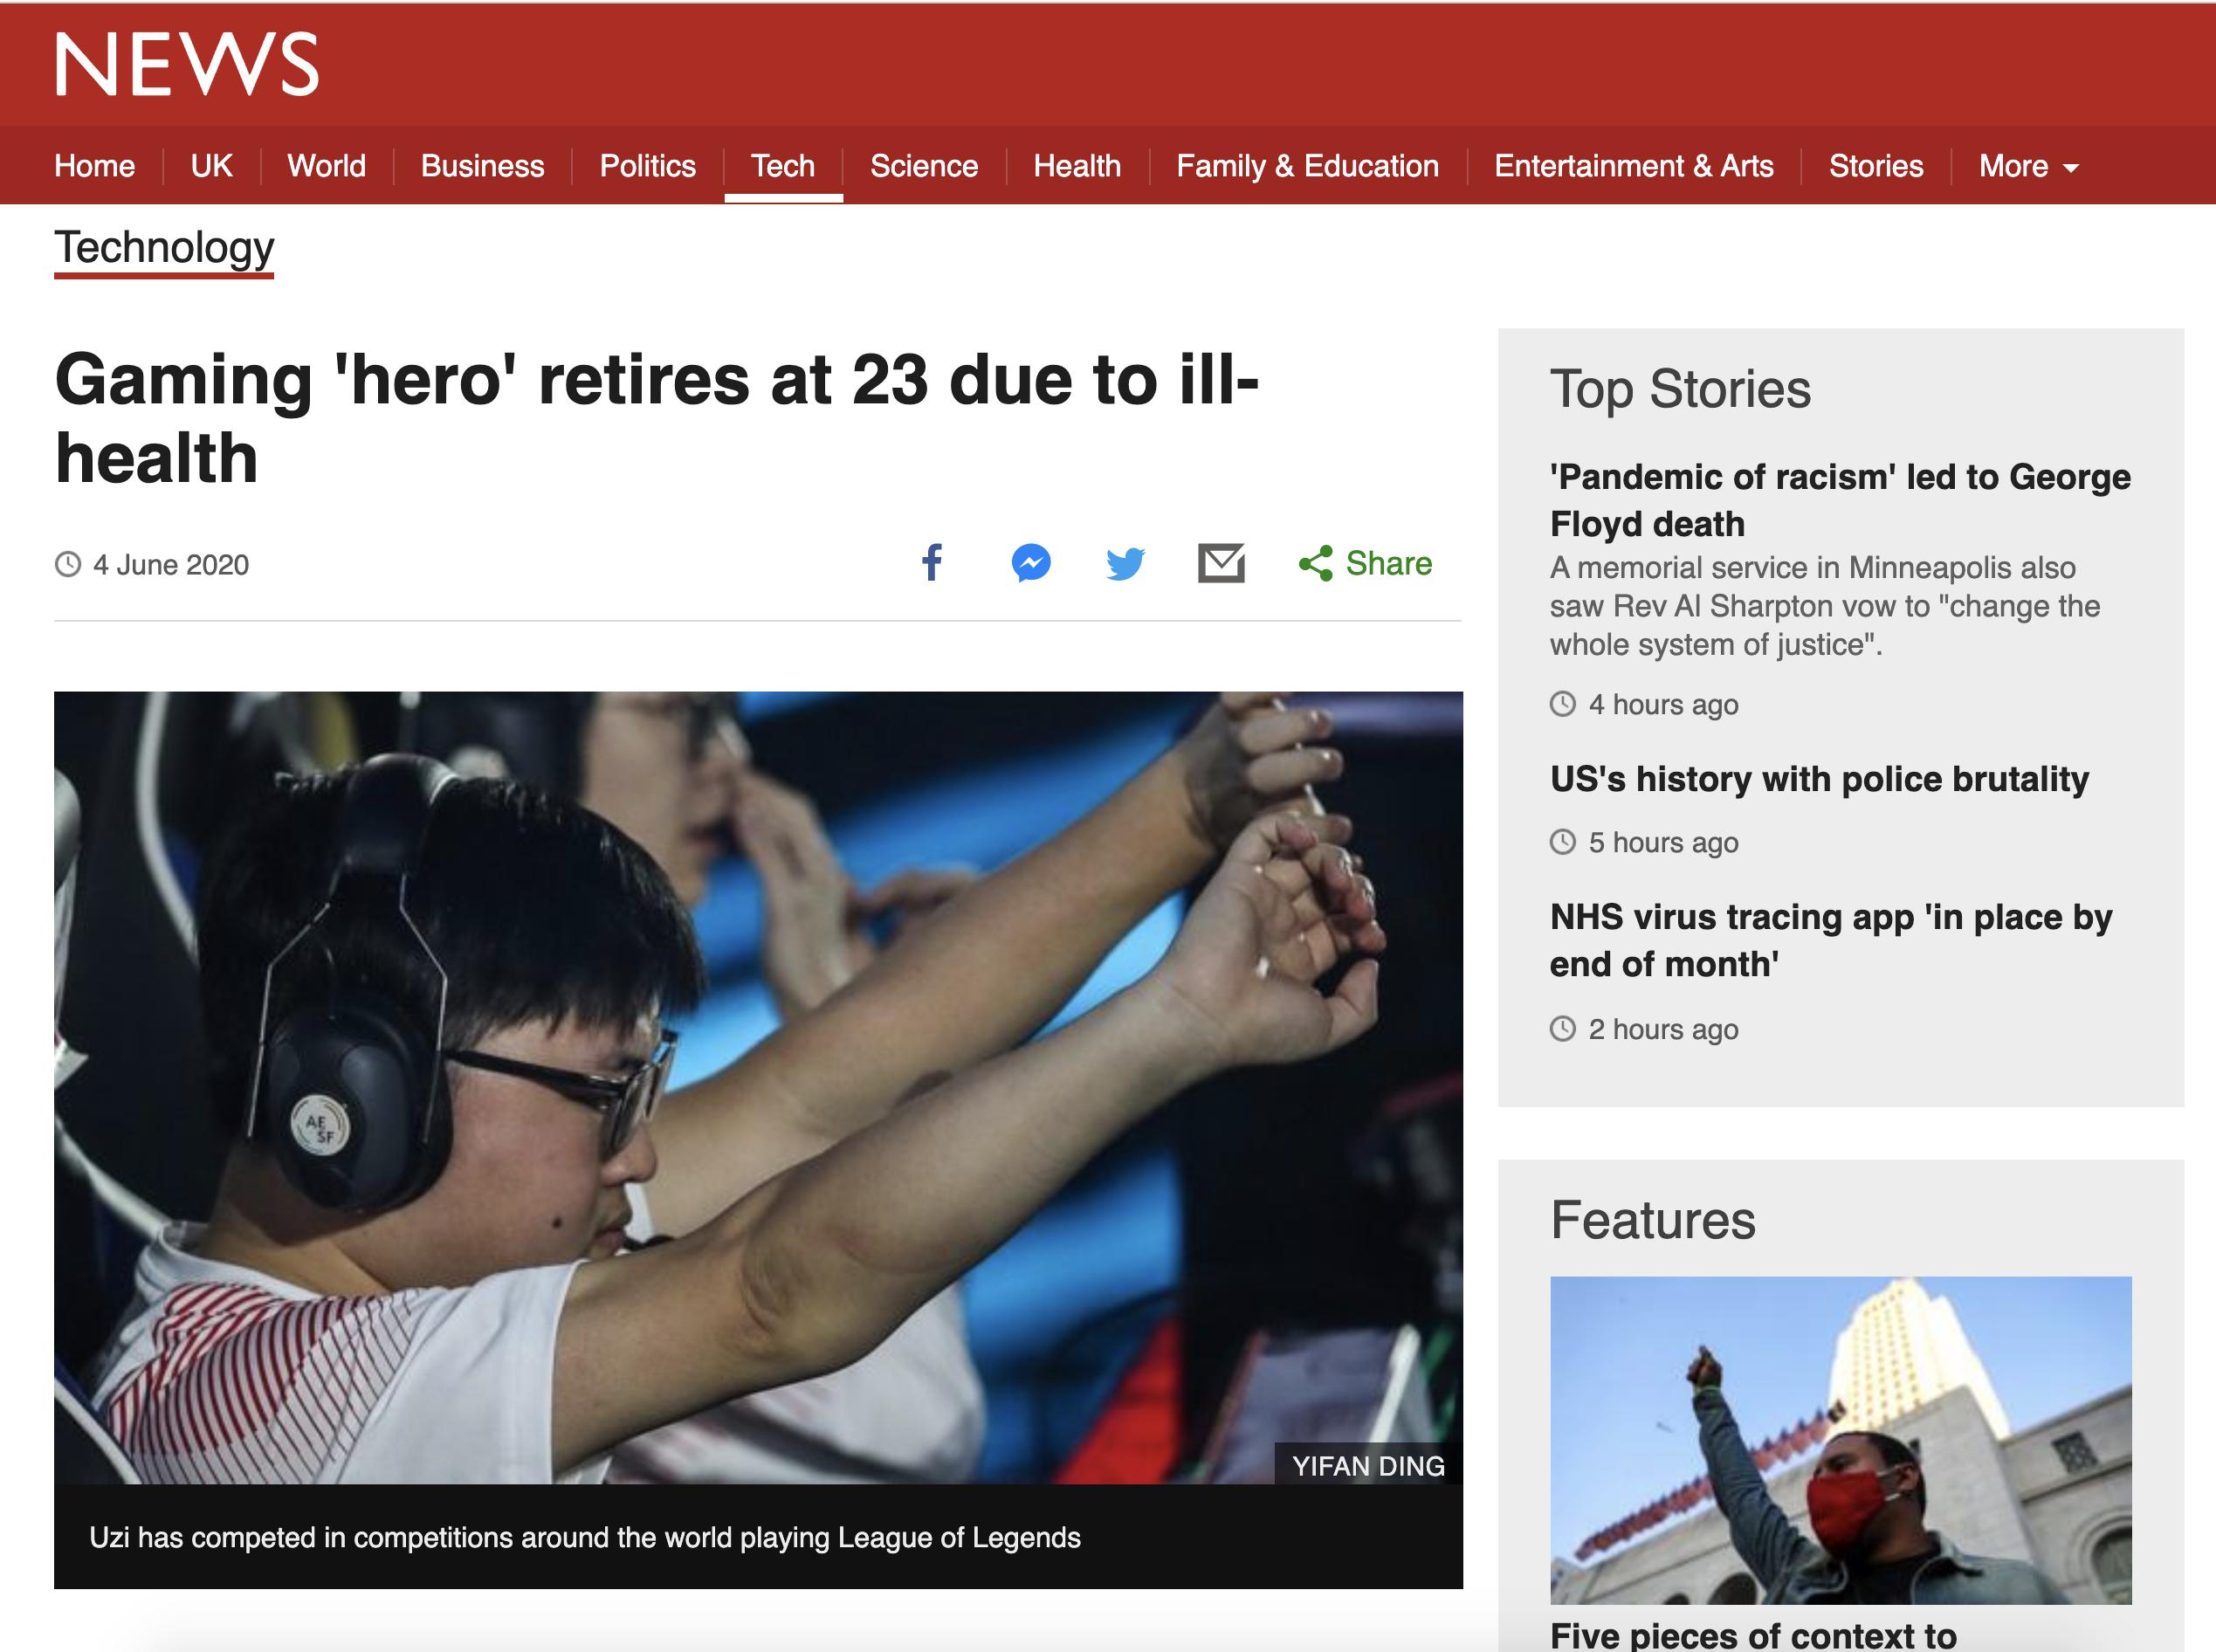 中国电竞骄傲!Uzi退役一事登上BBC